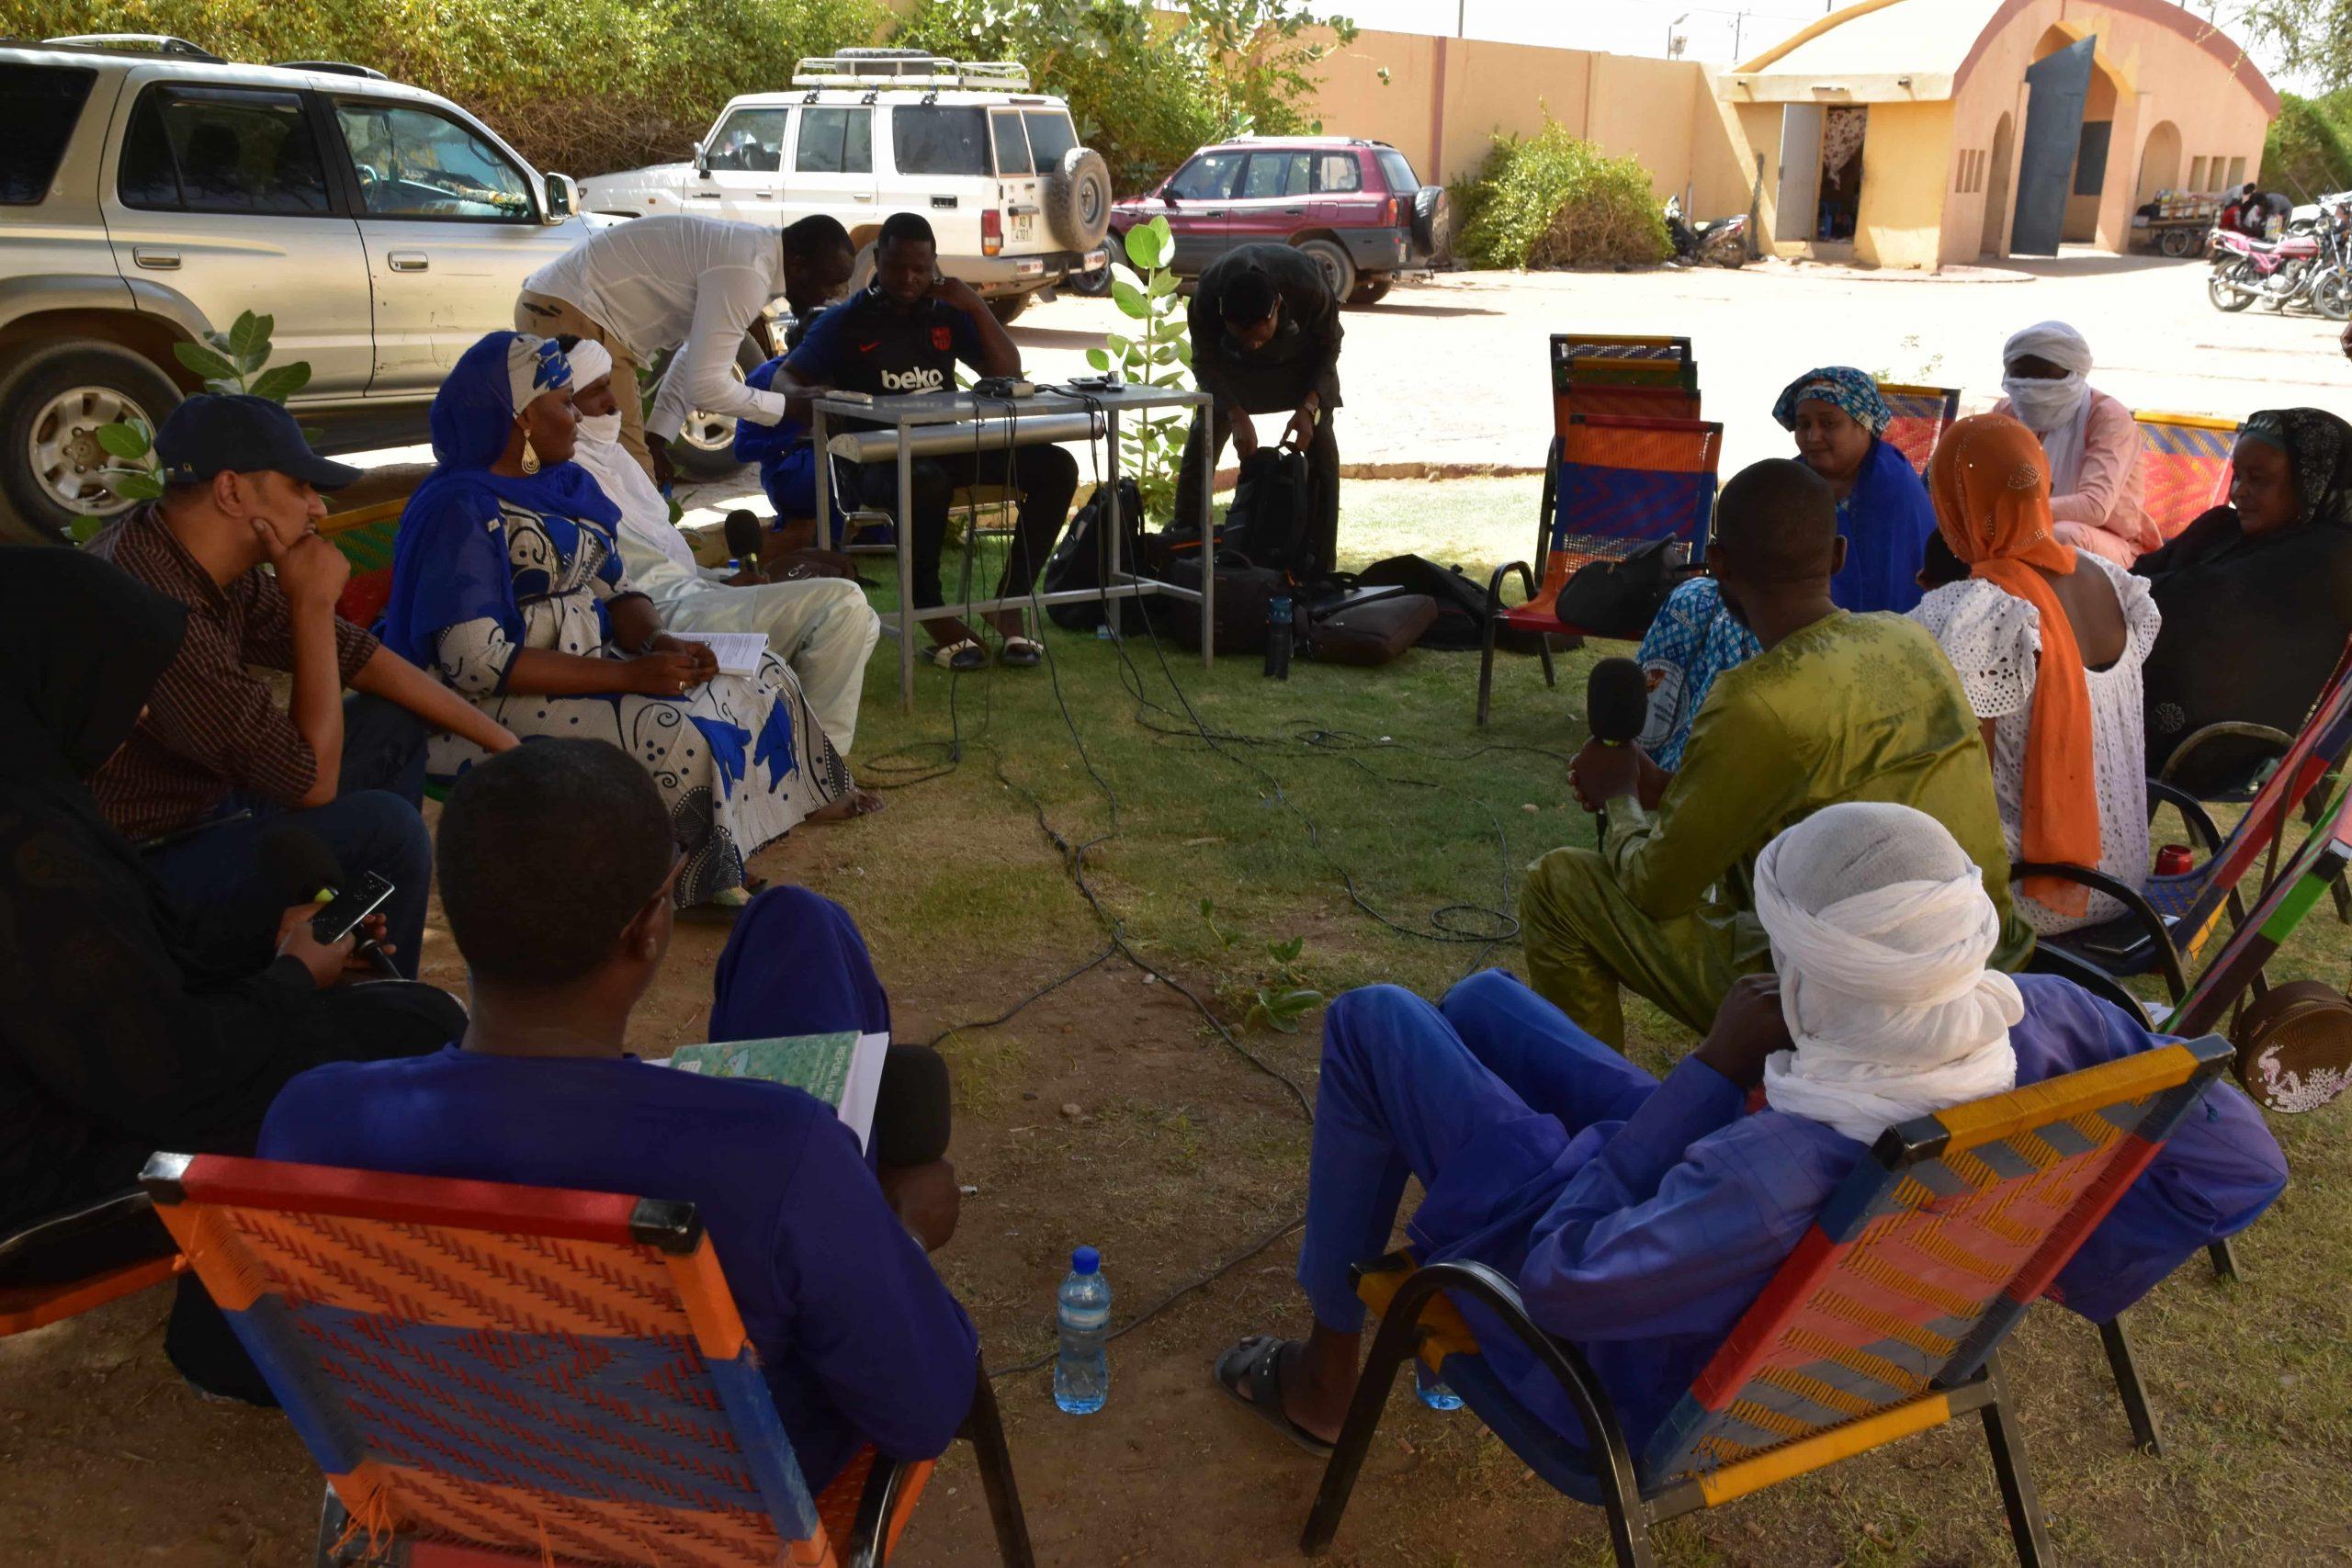 Consommation des stupéfiants par les jeunes : Les actions de lutte contre la pratique à Agadez